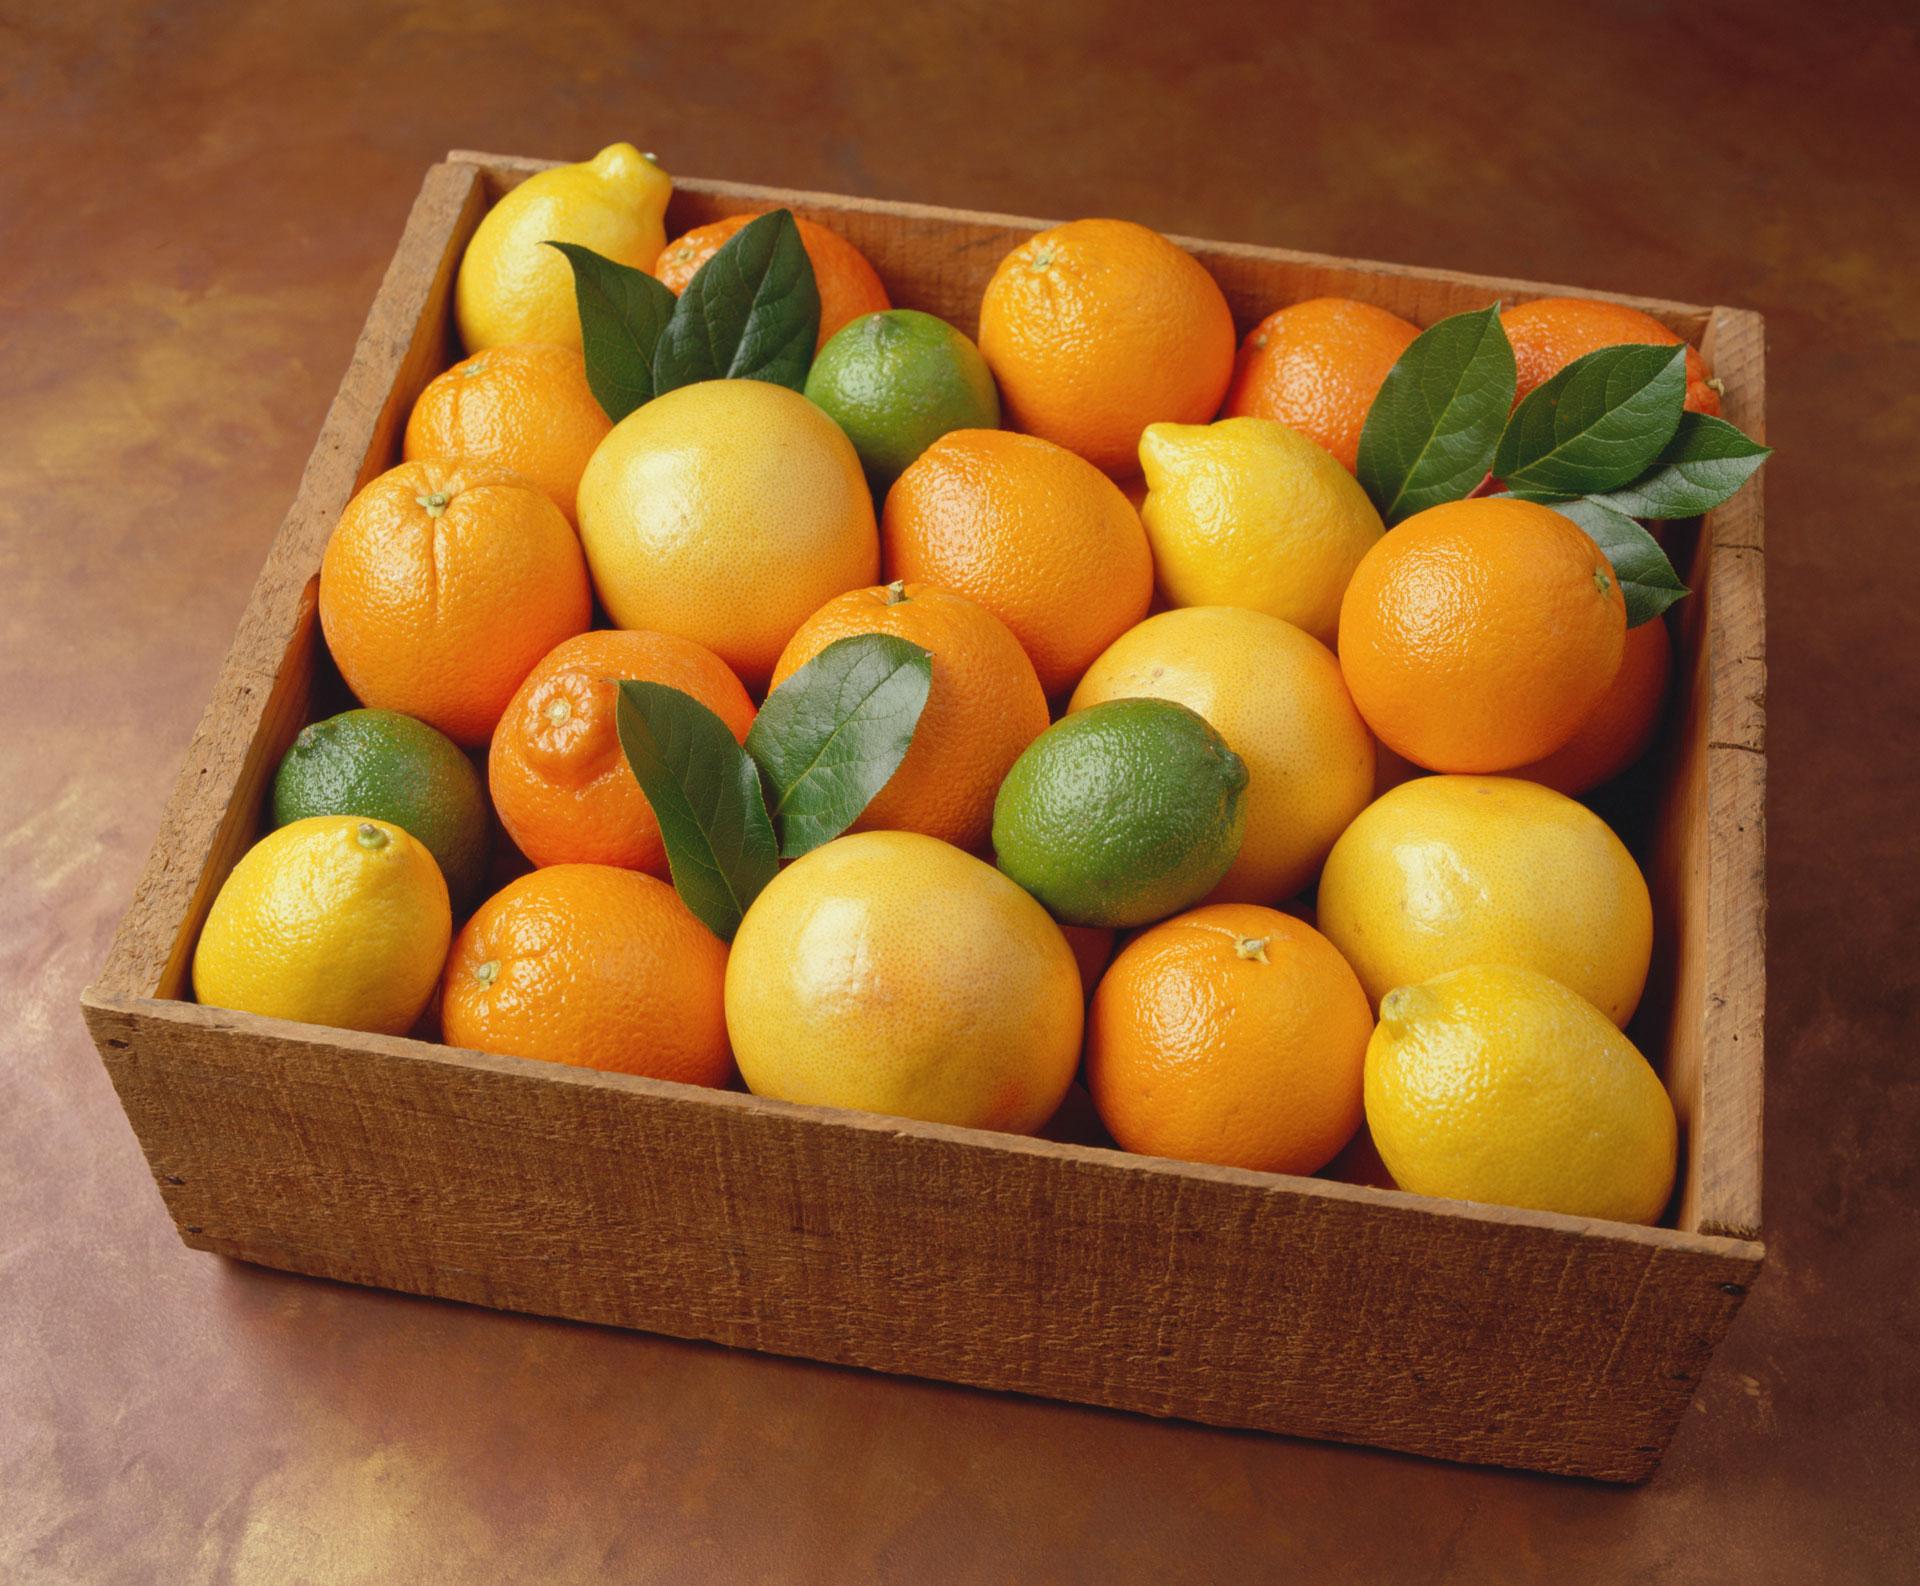 Citrus: Lemon, lime and oranges